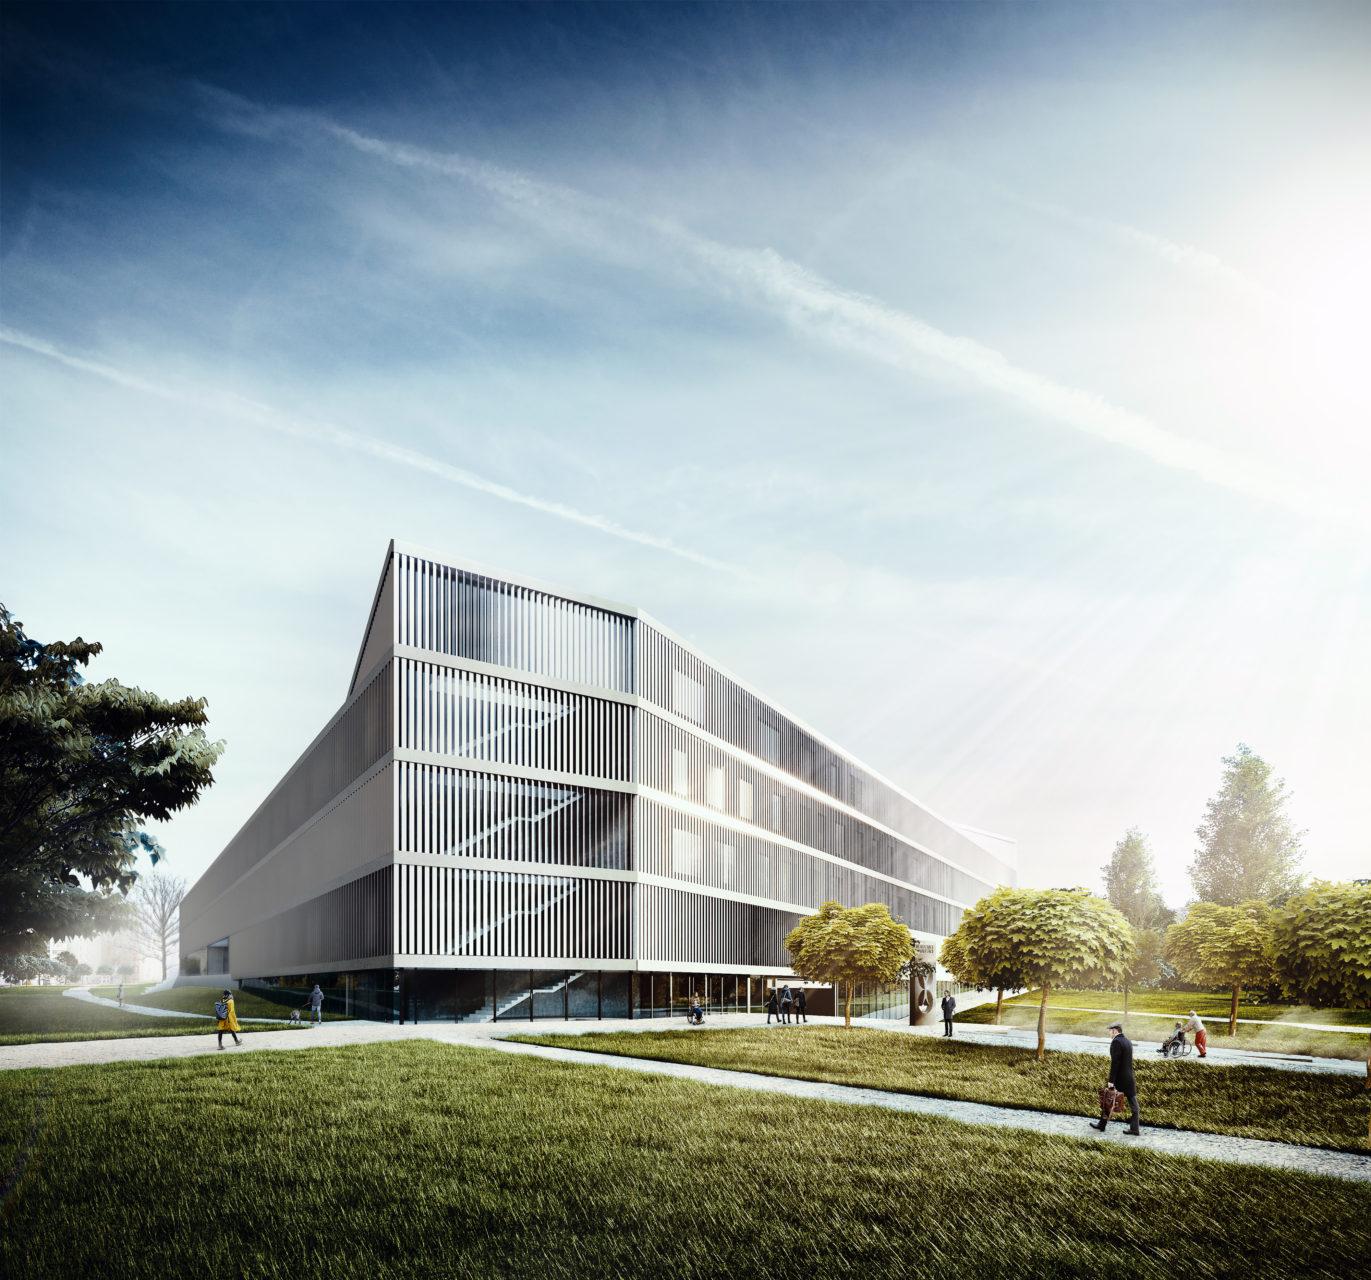 projekt nemocnice Malešice - Kolínský Čermák architekti